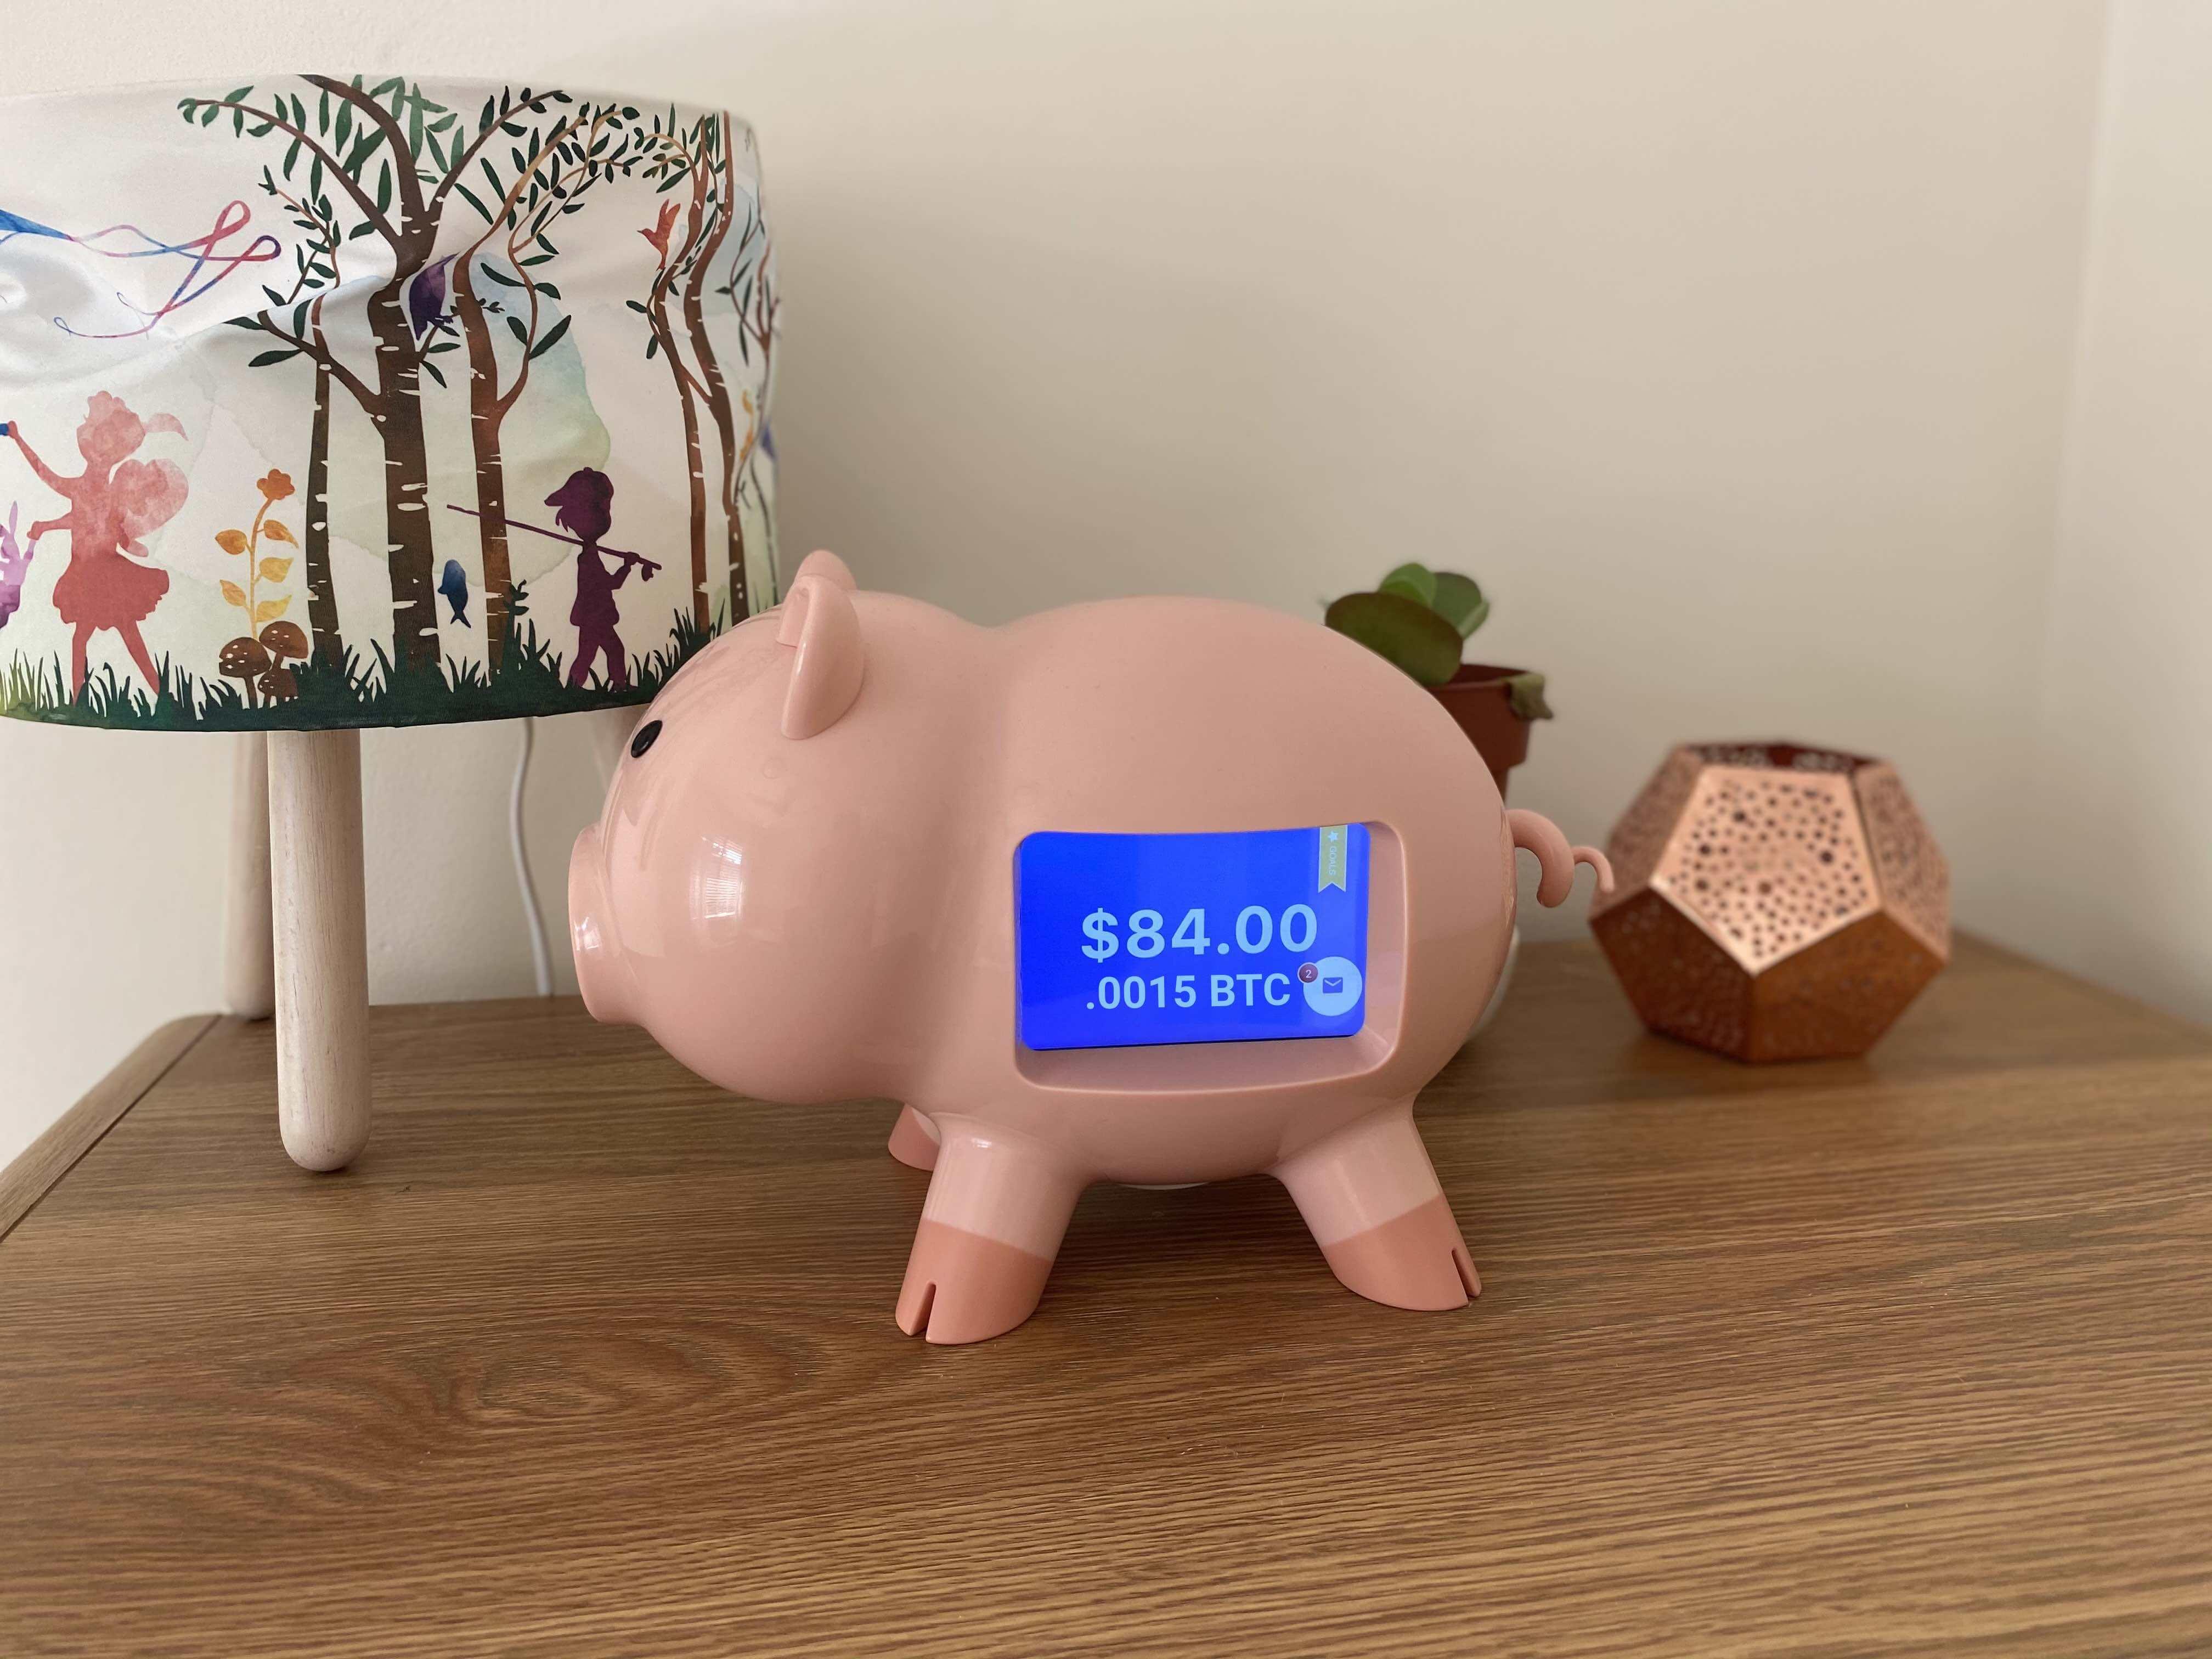 Mit dem Sparschwein von Strive können Eltern ihren Kindern ihr Taschengeld jetzt in Bitcoin und anderen Crytocurrencies bezahlen. Der aktuelle Kontostand wird auf einem Screen angezeigt. So soll Kindern der Umgang mit Geld - und die Zukunft des Geldes - beigebracht werden.